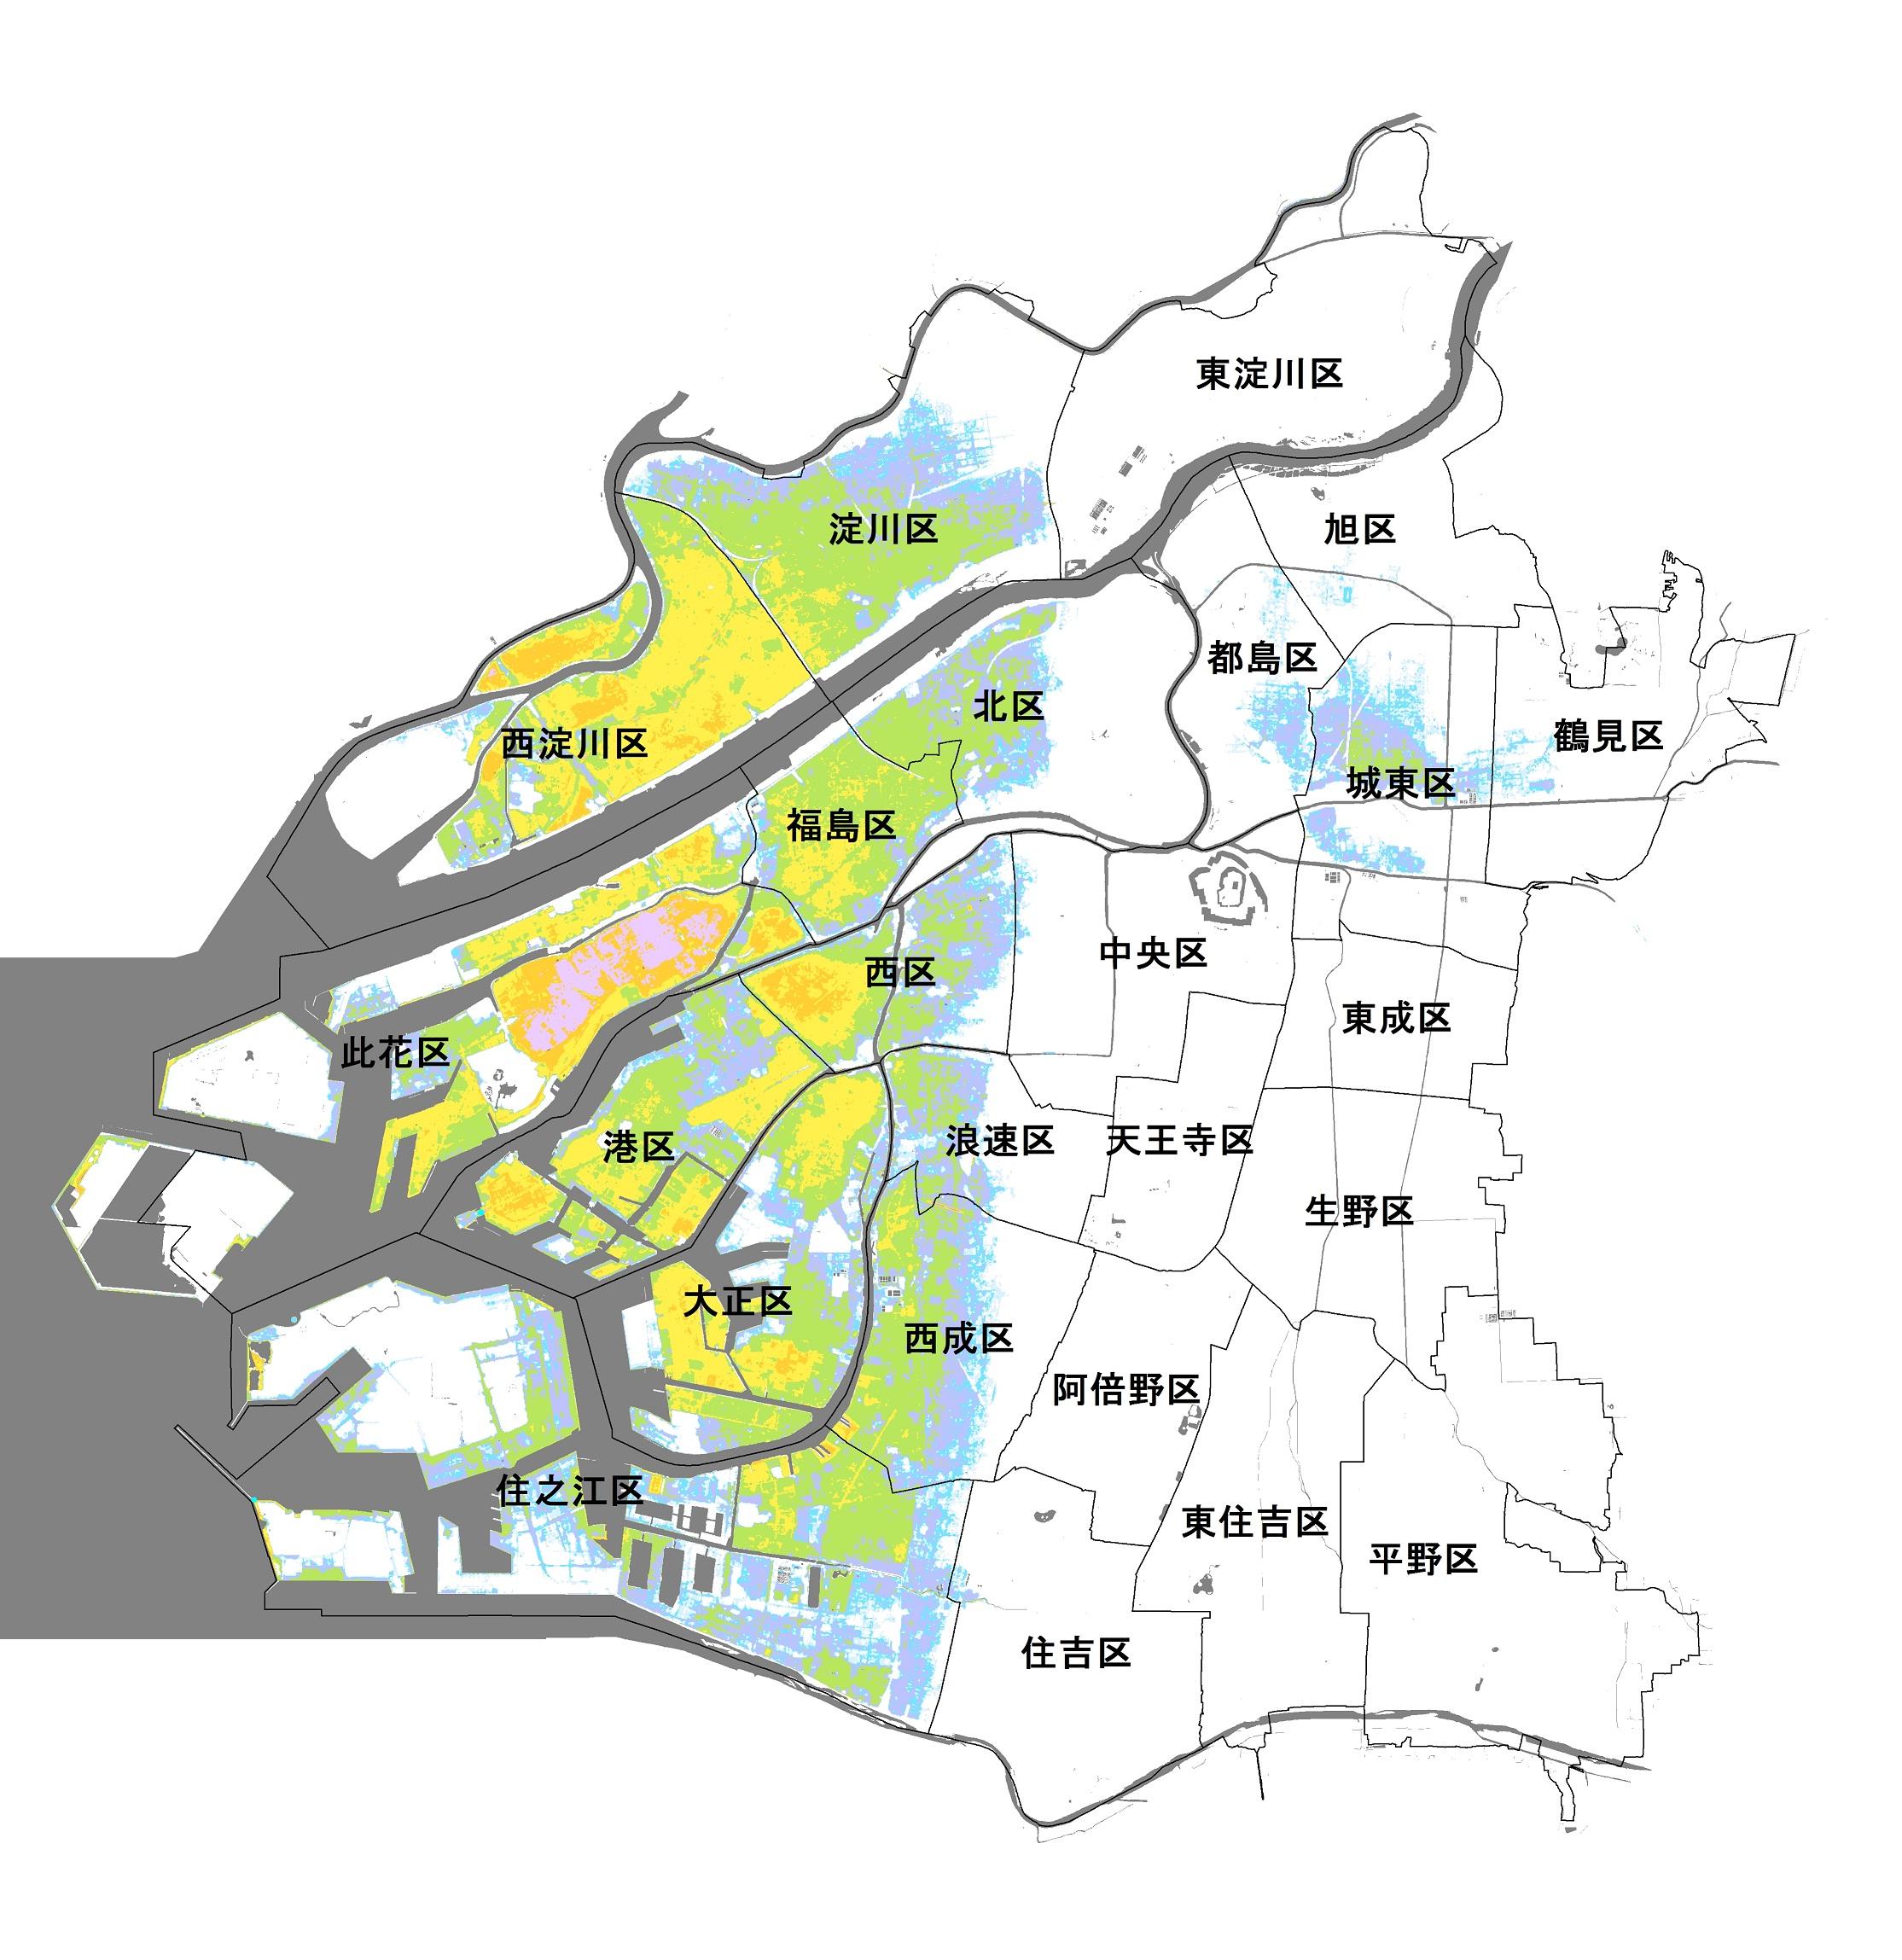 大阪市南海トラフ巨大地震による津波のハザードマップ